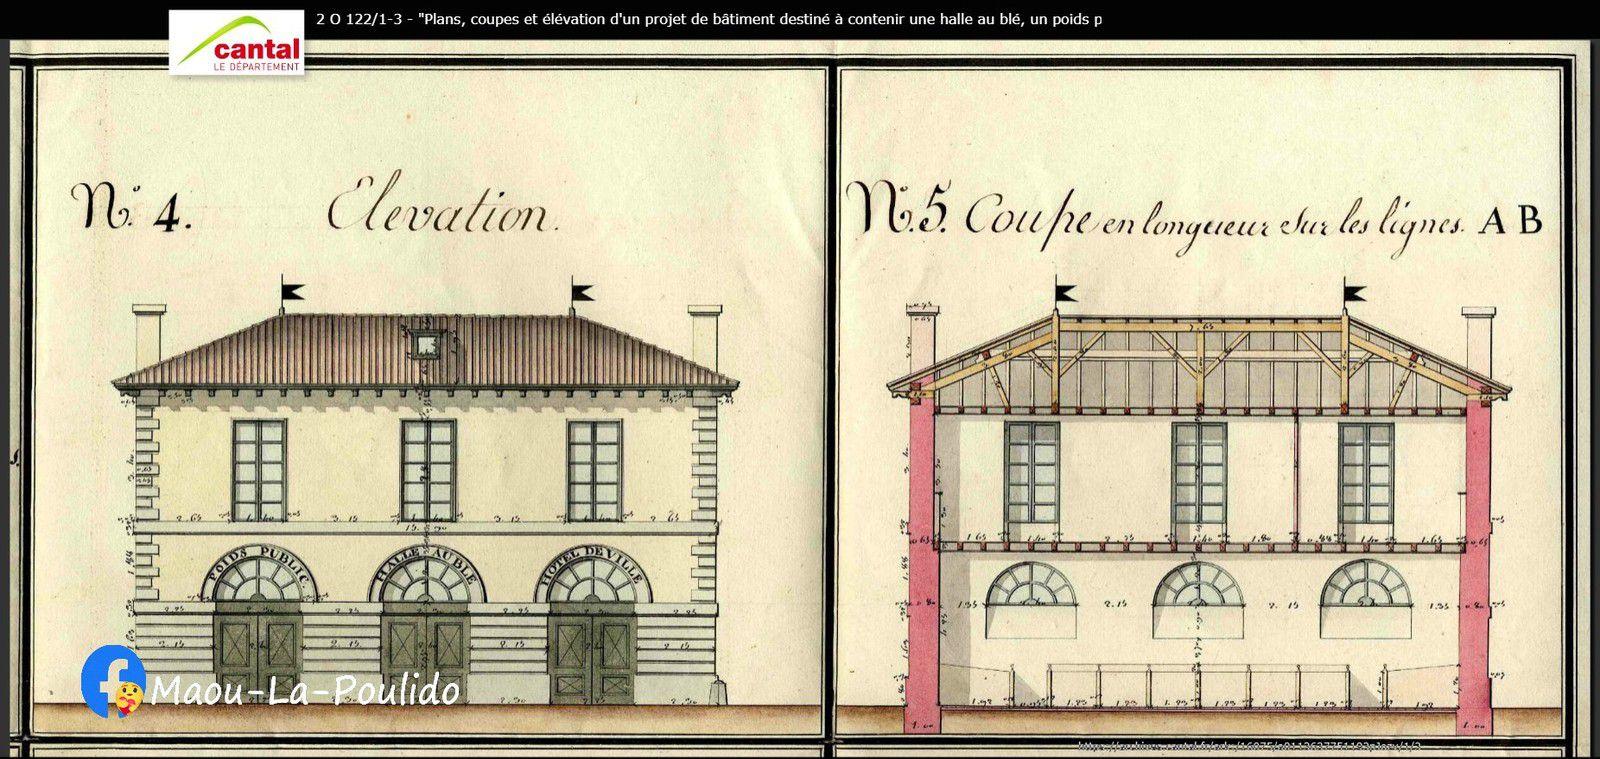 Plan du bâtiment datant de 1819 dressé par LACAZE